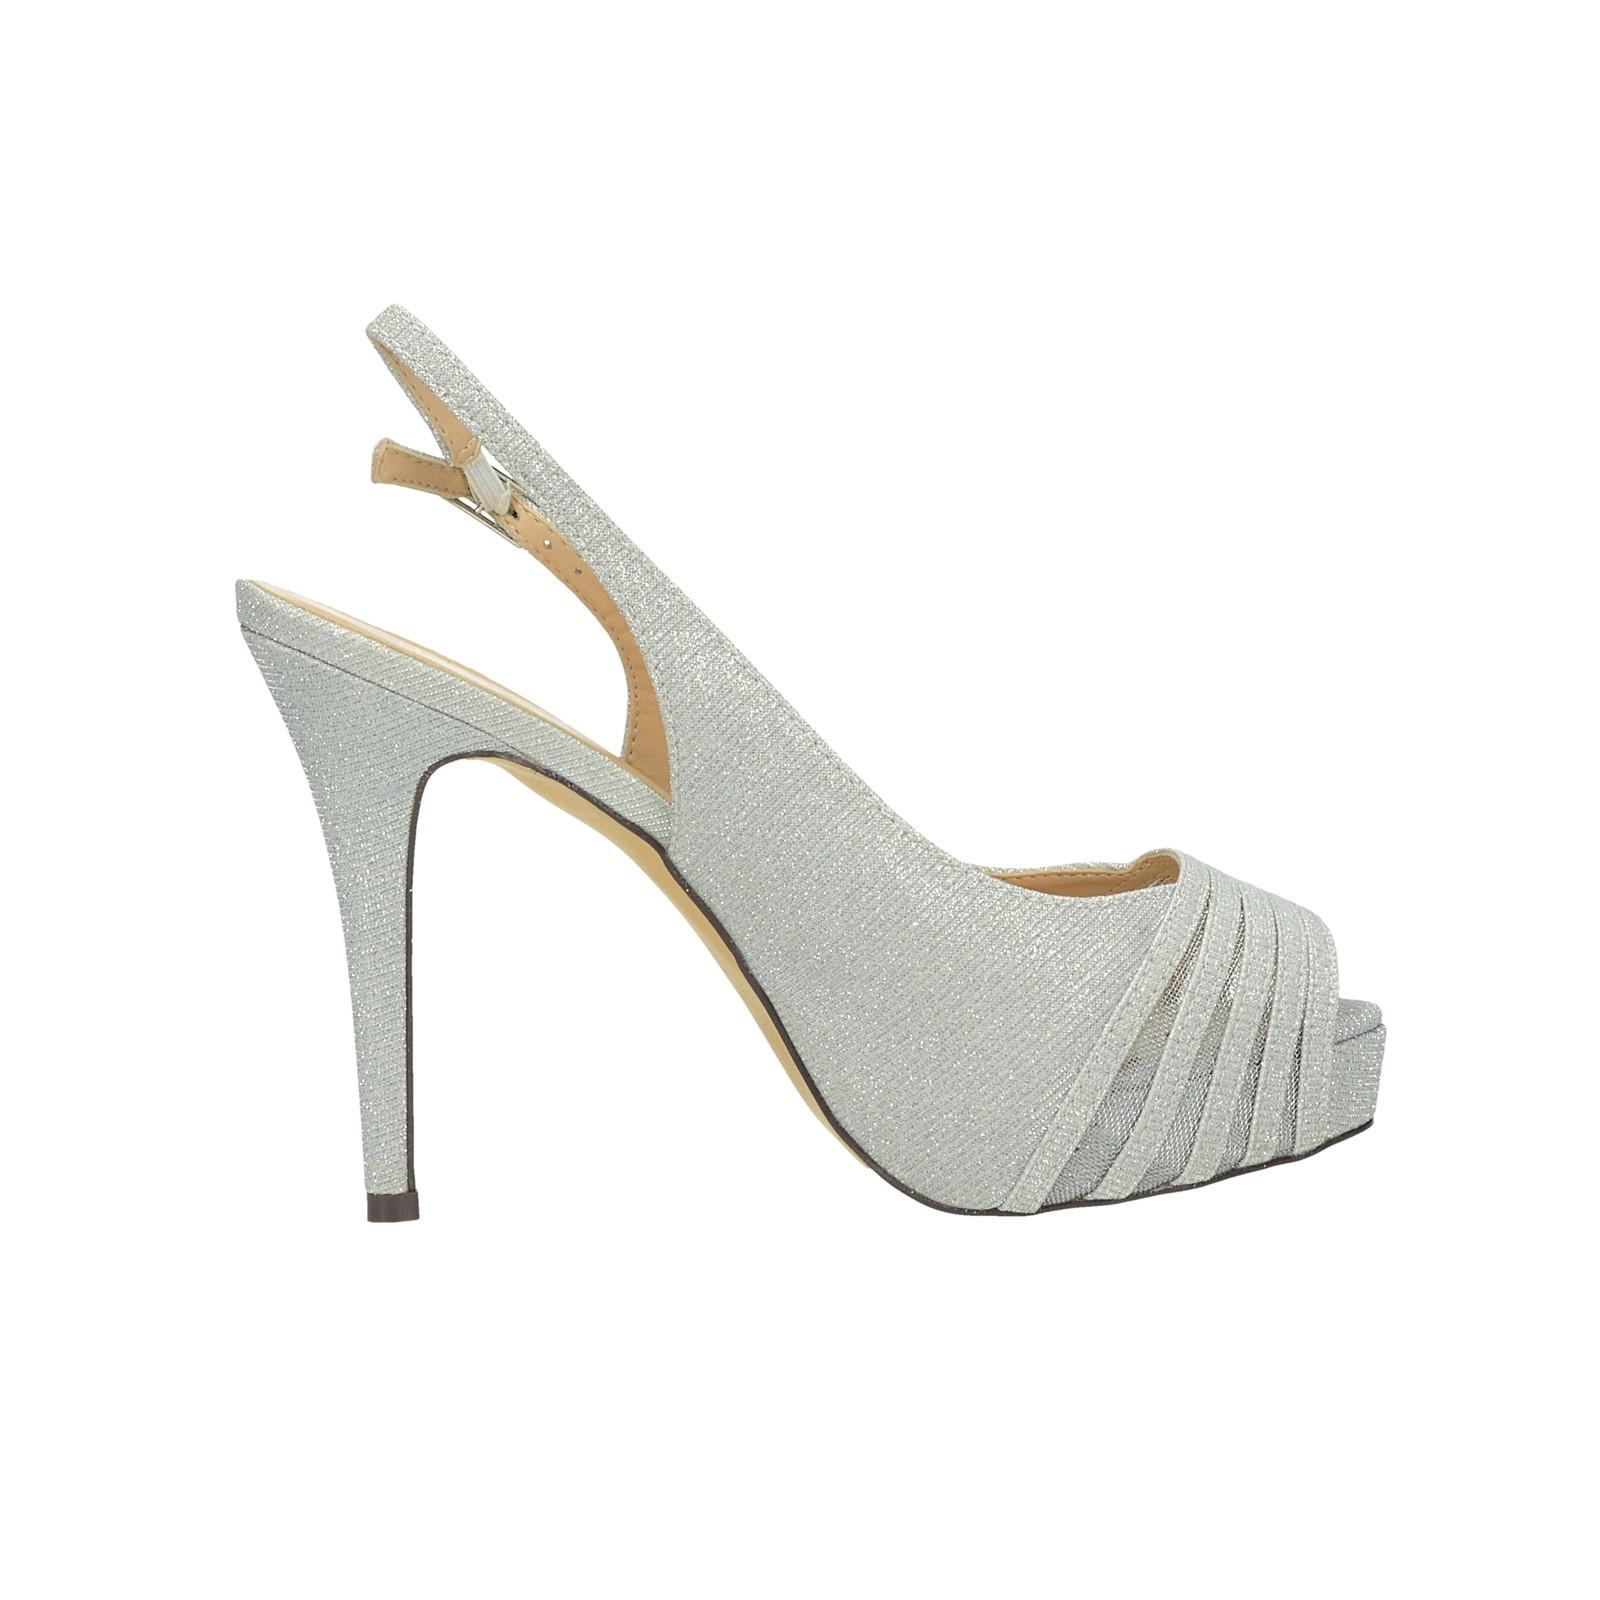 Menbur dámske spoločenské sandále - strieborné